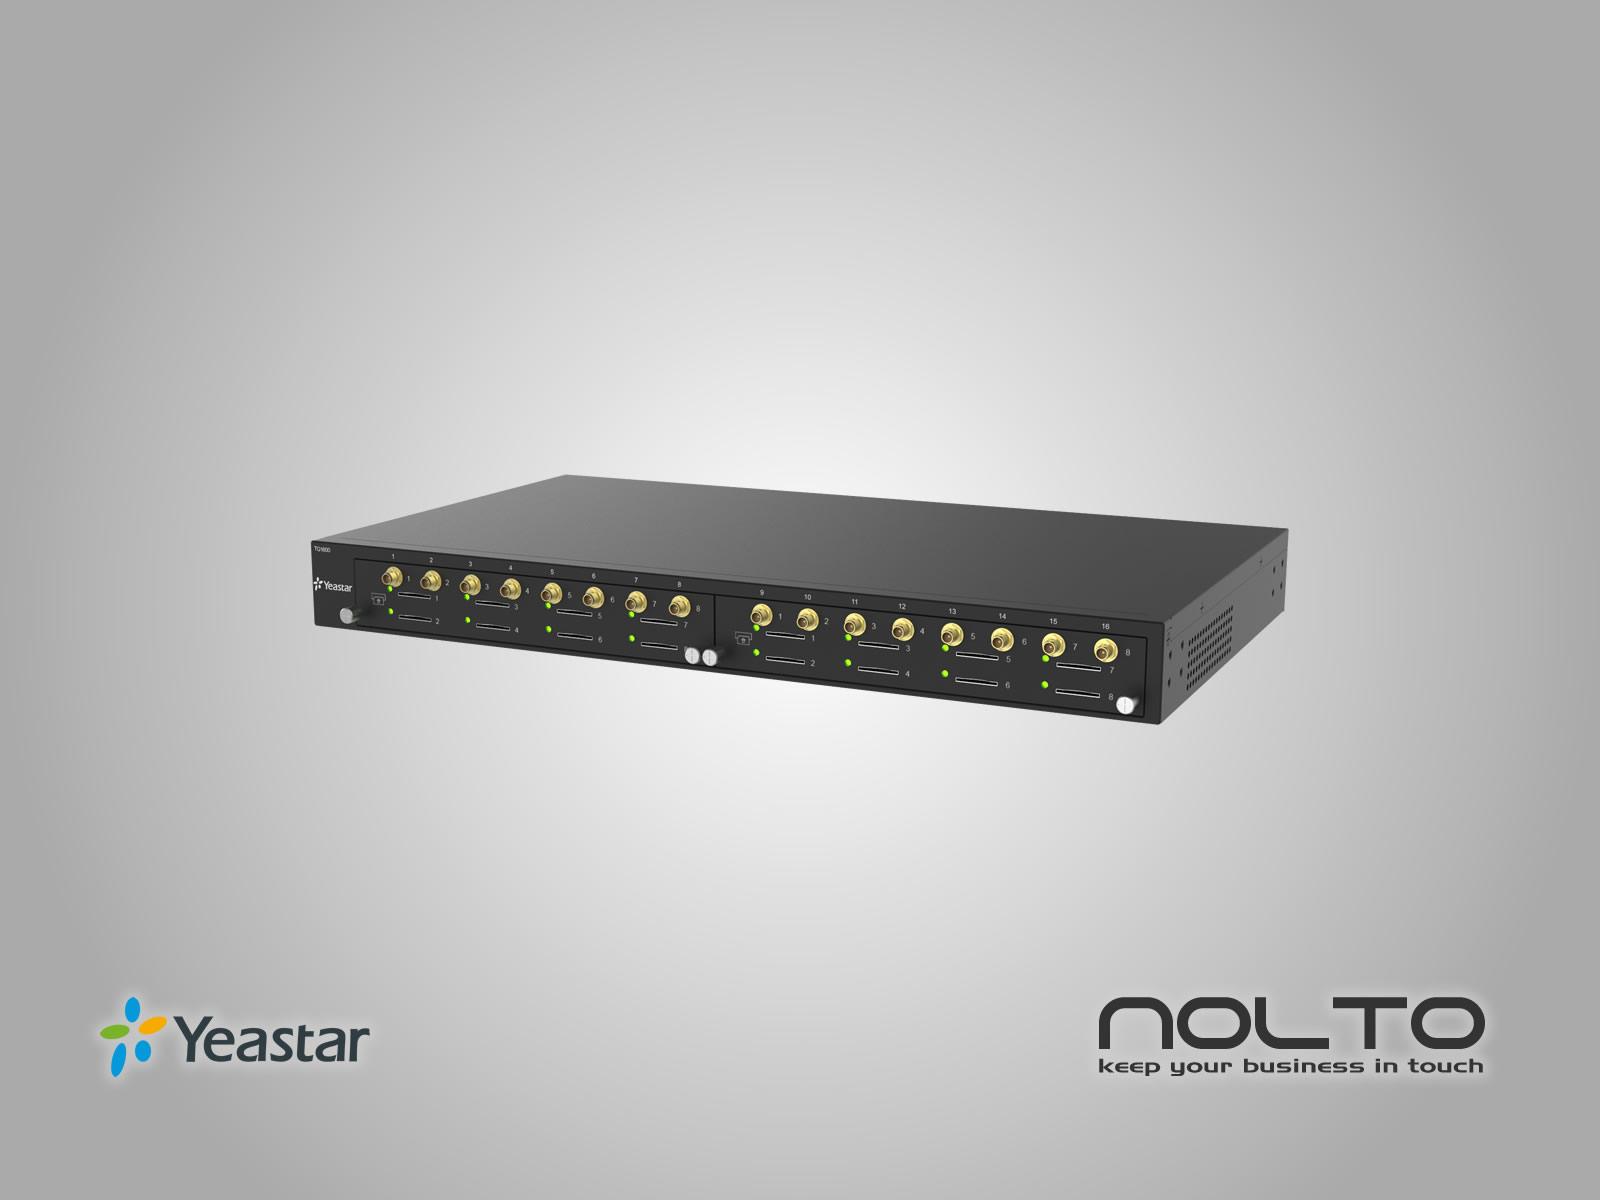 Yeastar TG1600G GSM VoIP Gateway